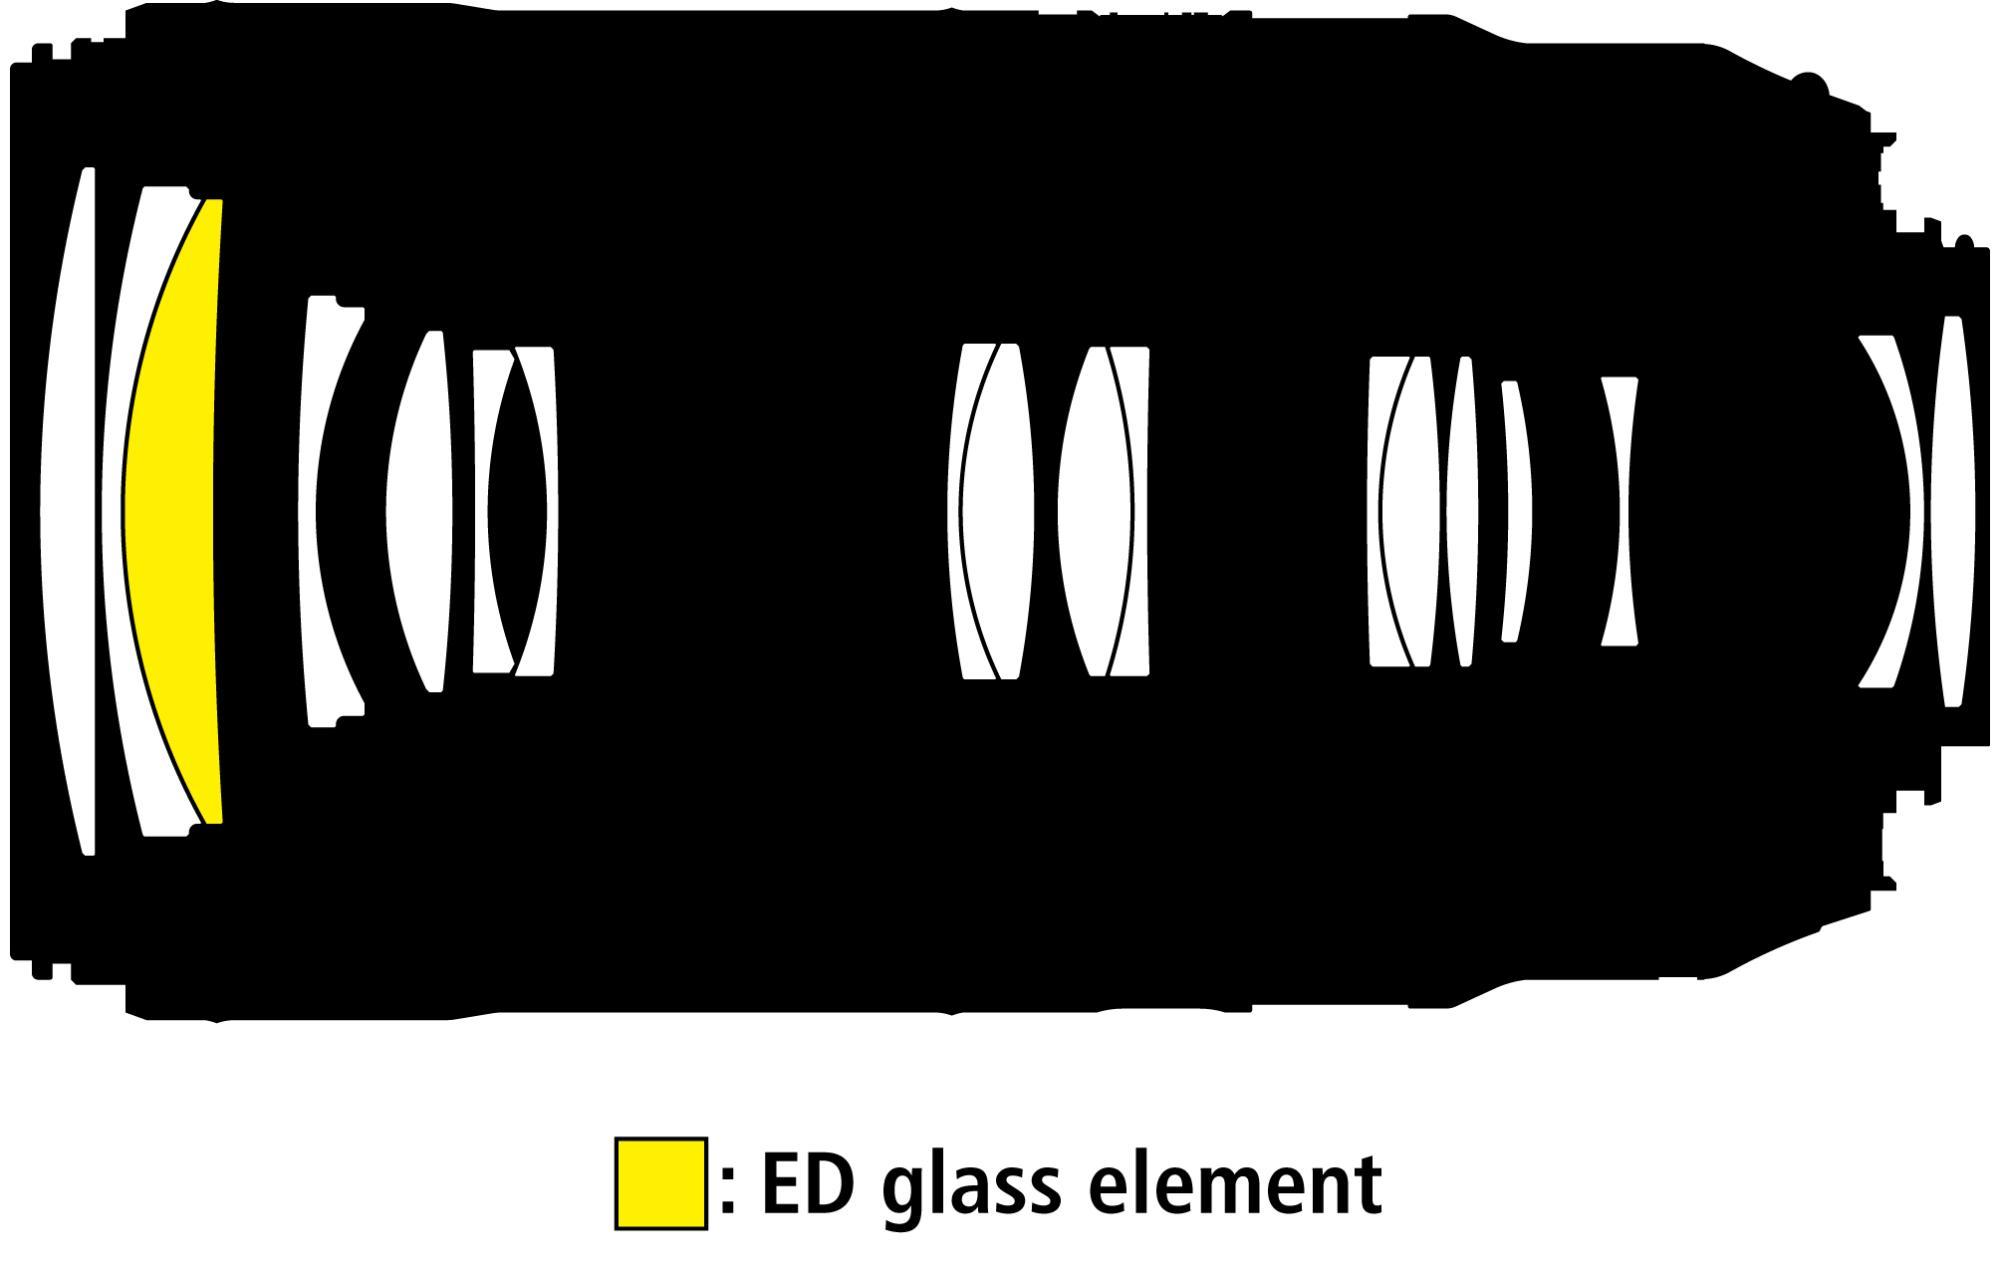 Die optische Konstruktion umfasst 18 Linsen in 14 Gruppen, eine Linse ist aus ED-Glas gefertigt.